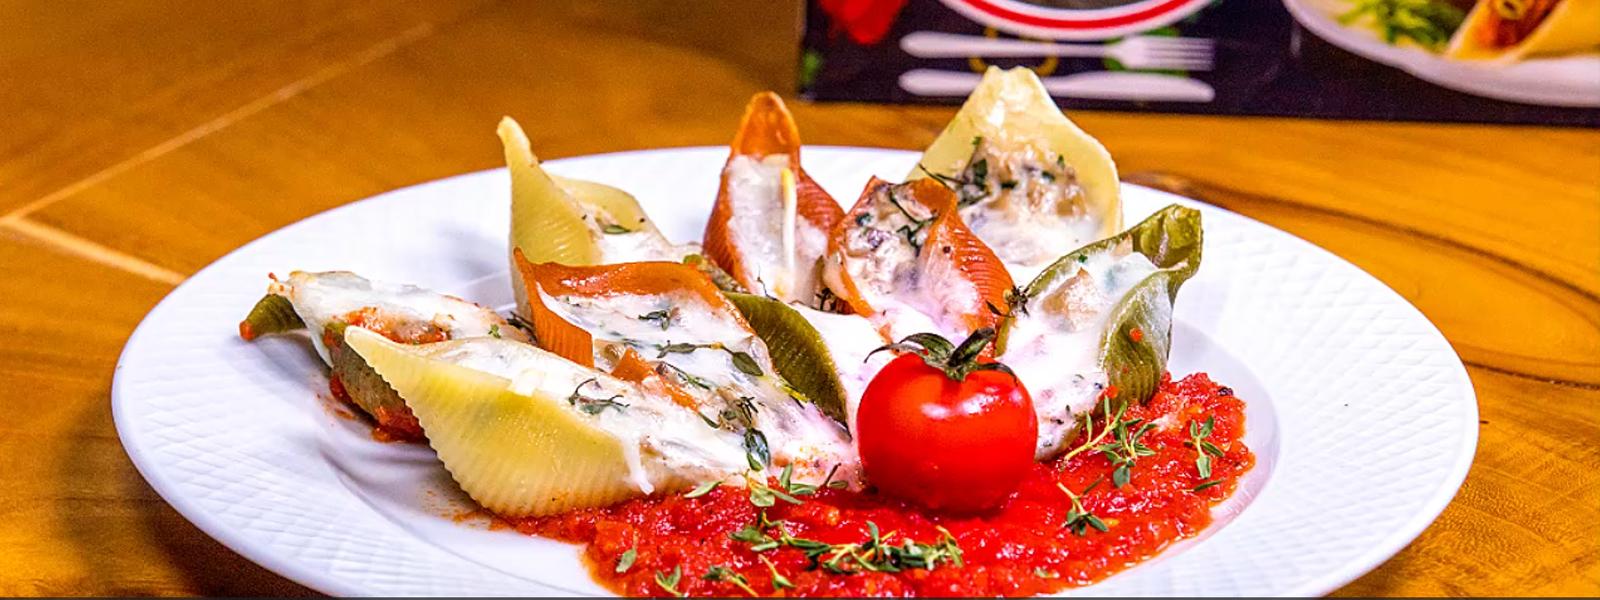 جامبو سبزیجات پر شده با سس قارچ